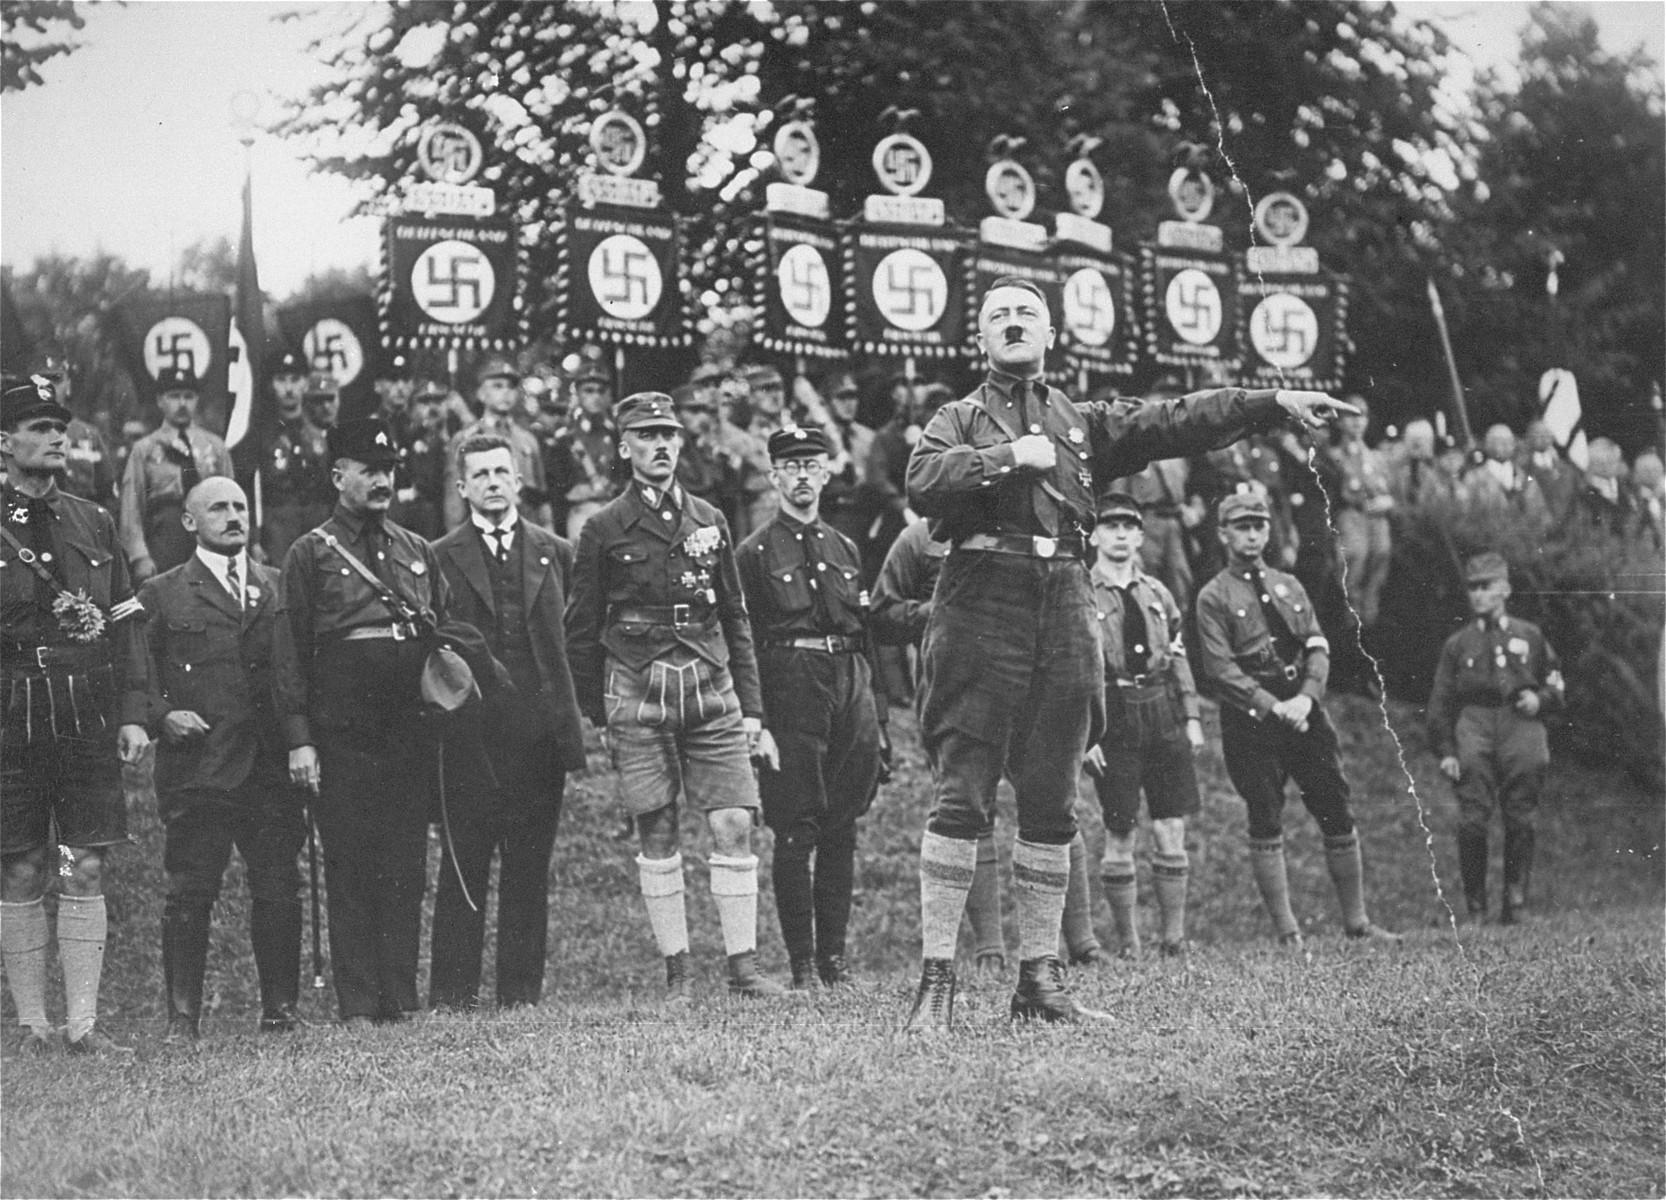 Adolf Hitler gives a speech at the third Nazi Party Congress in Nuremberg.    Behind Hitler are Rudolf Hess, Julius Streicher, and Heinrich Himmler.